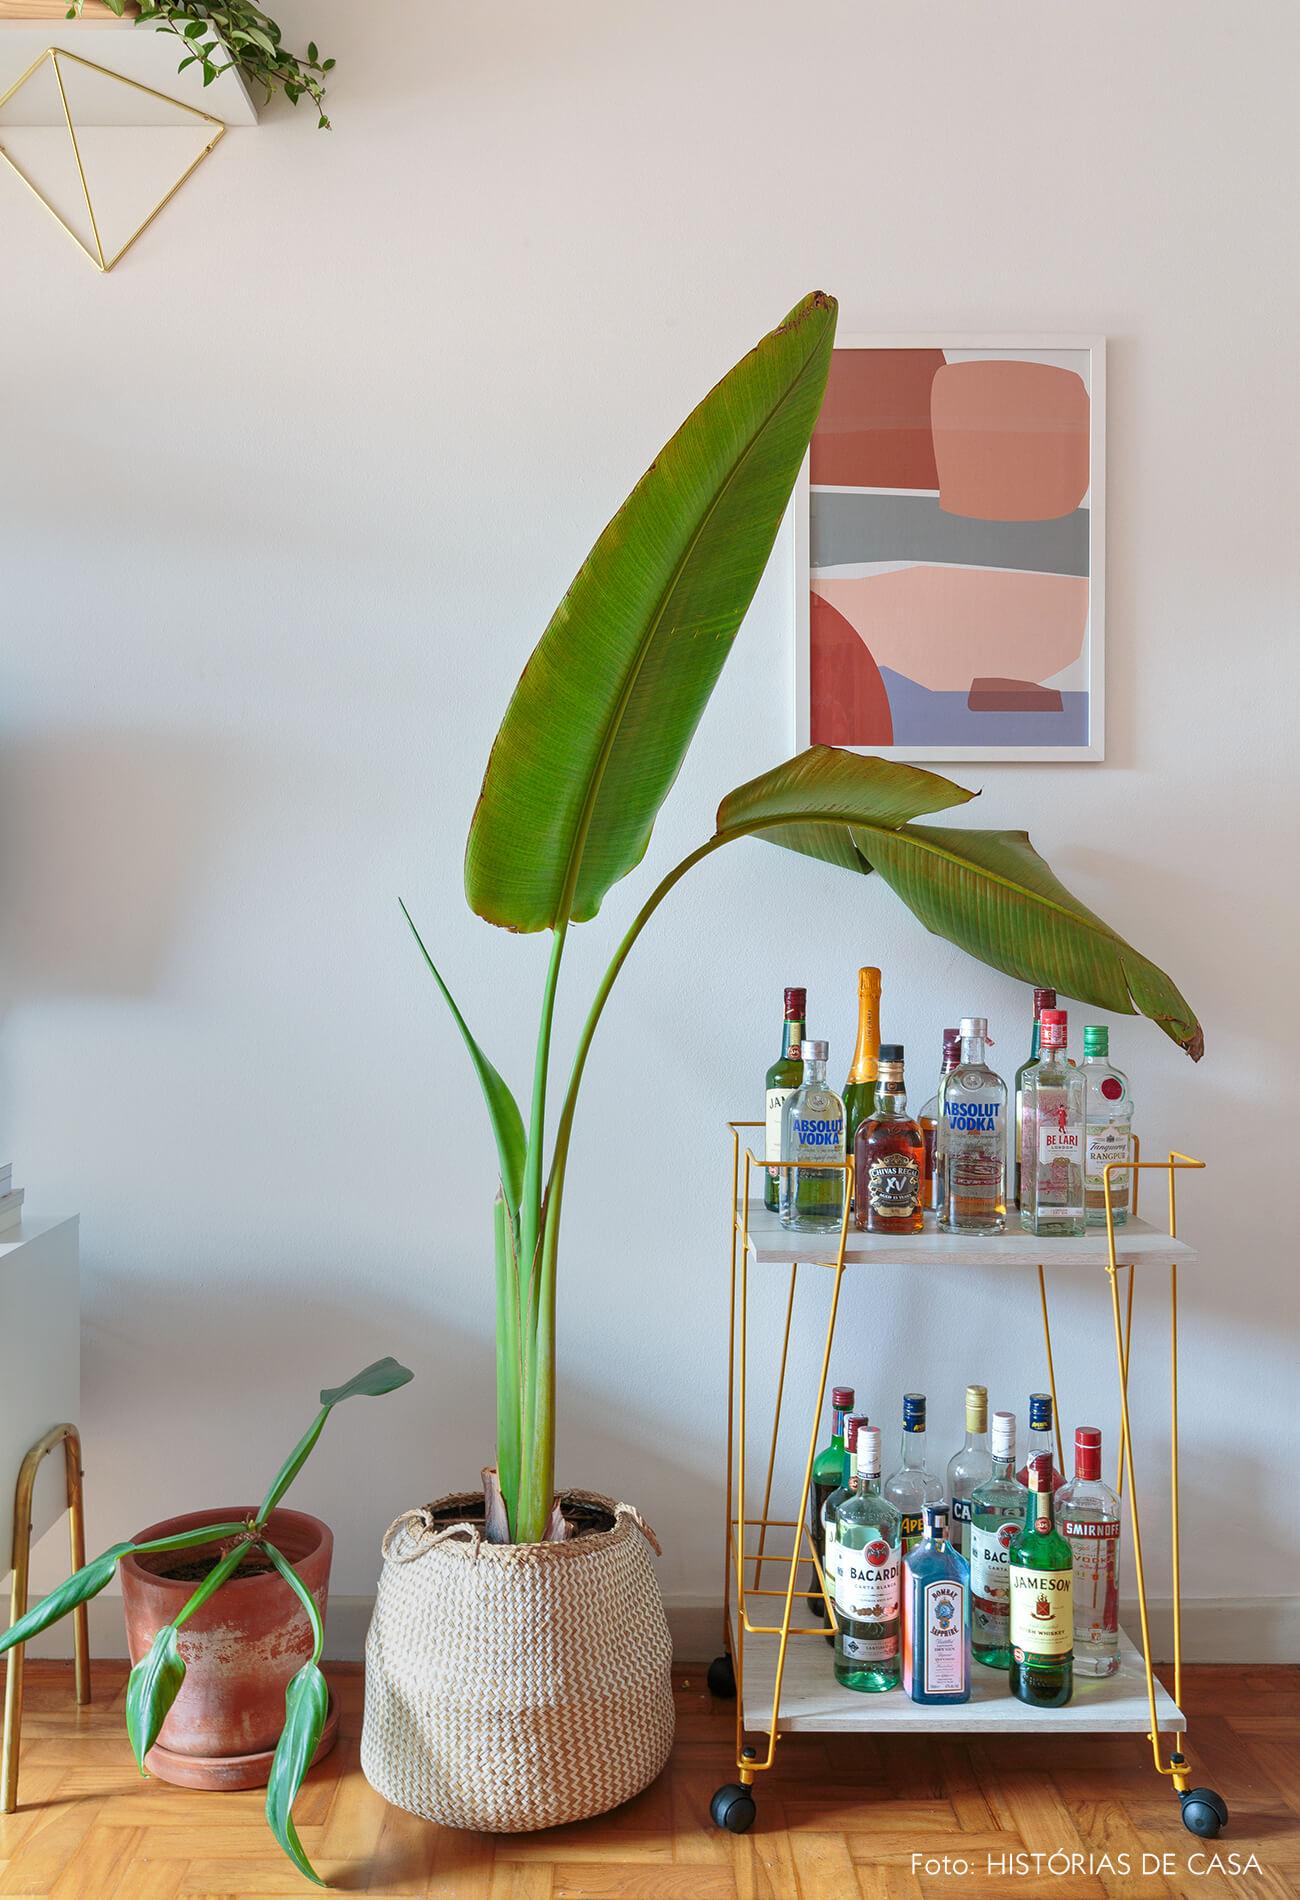 decoração ape alugado sala com cesto, carrinho de bar e plantas